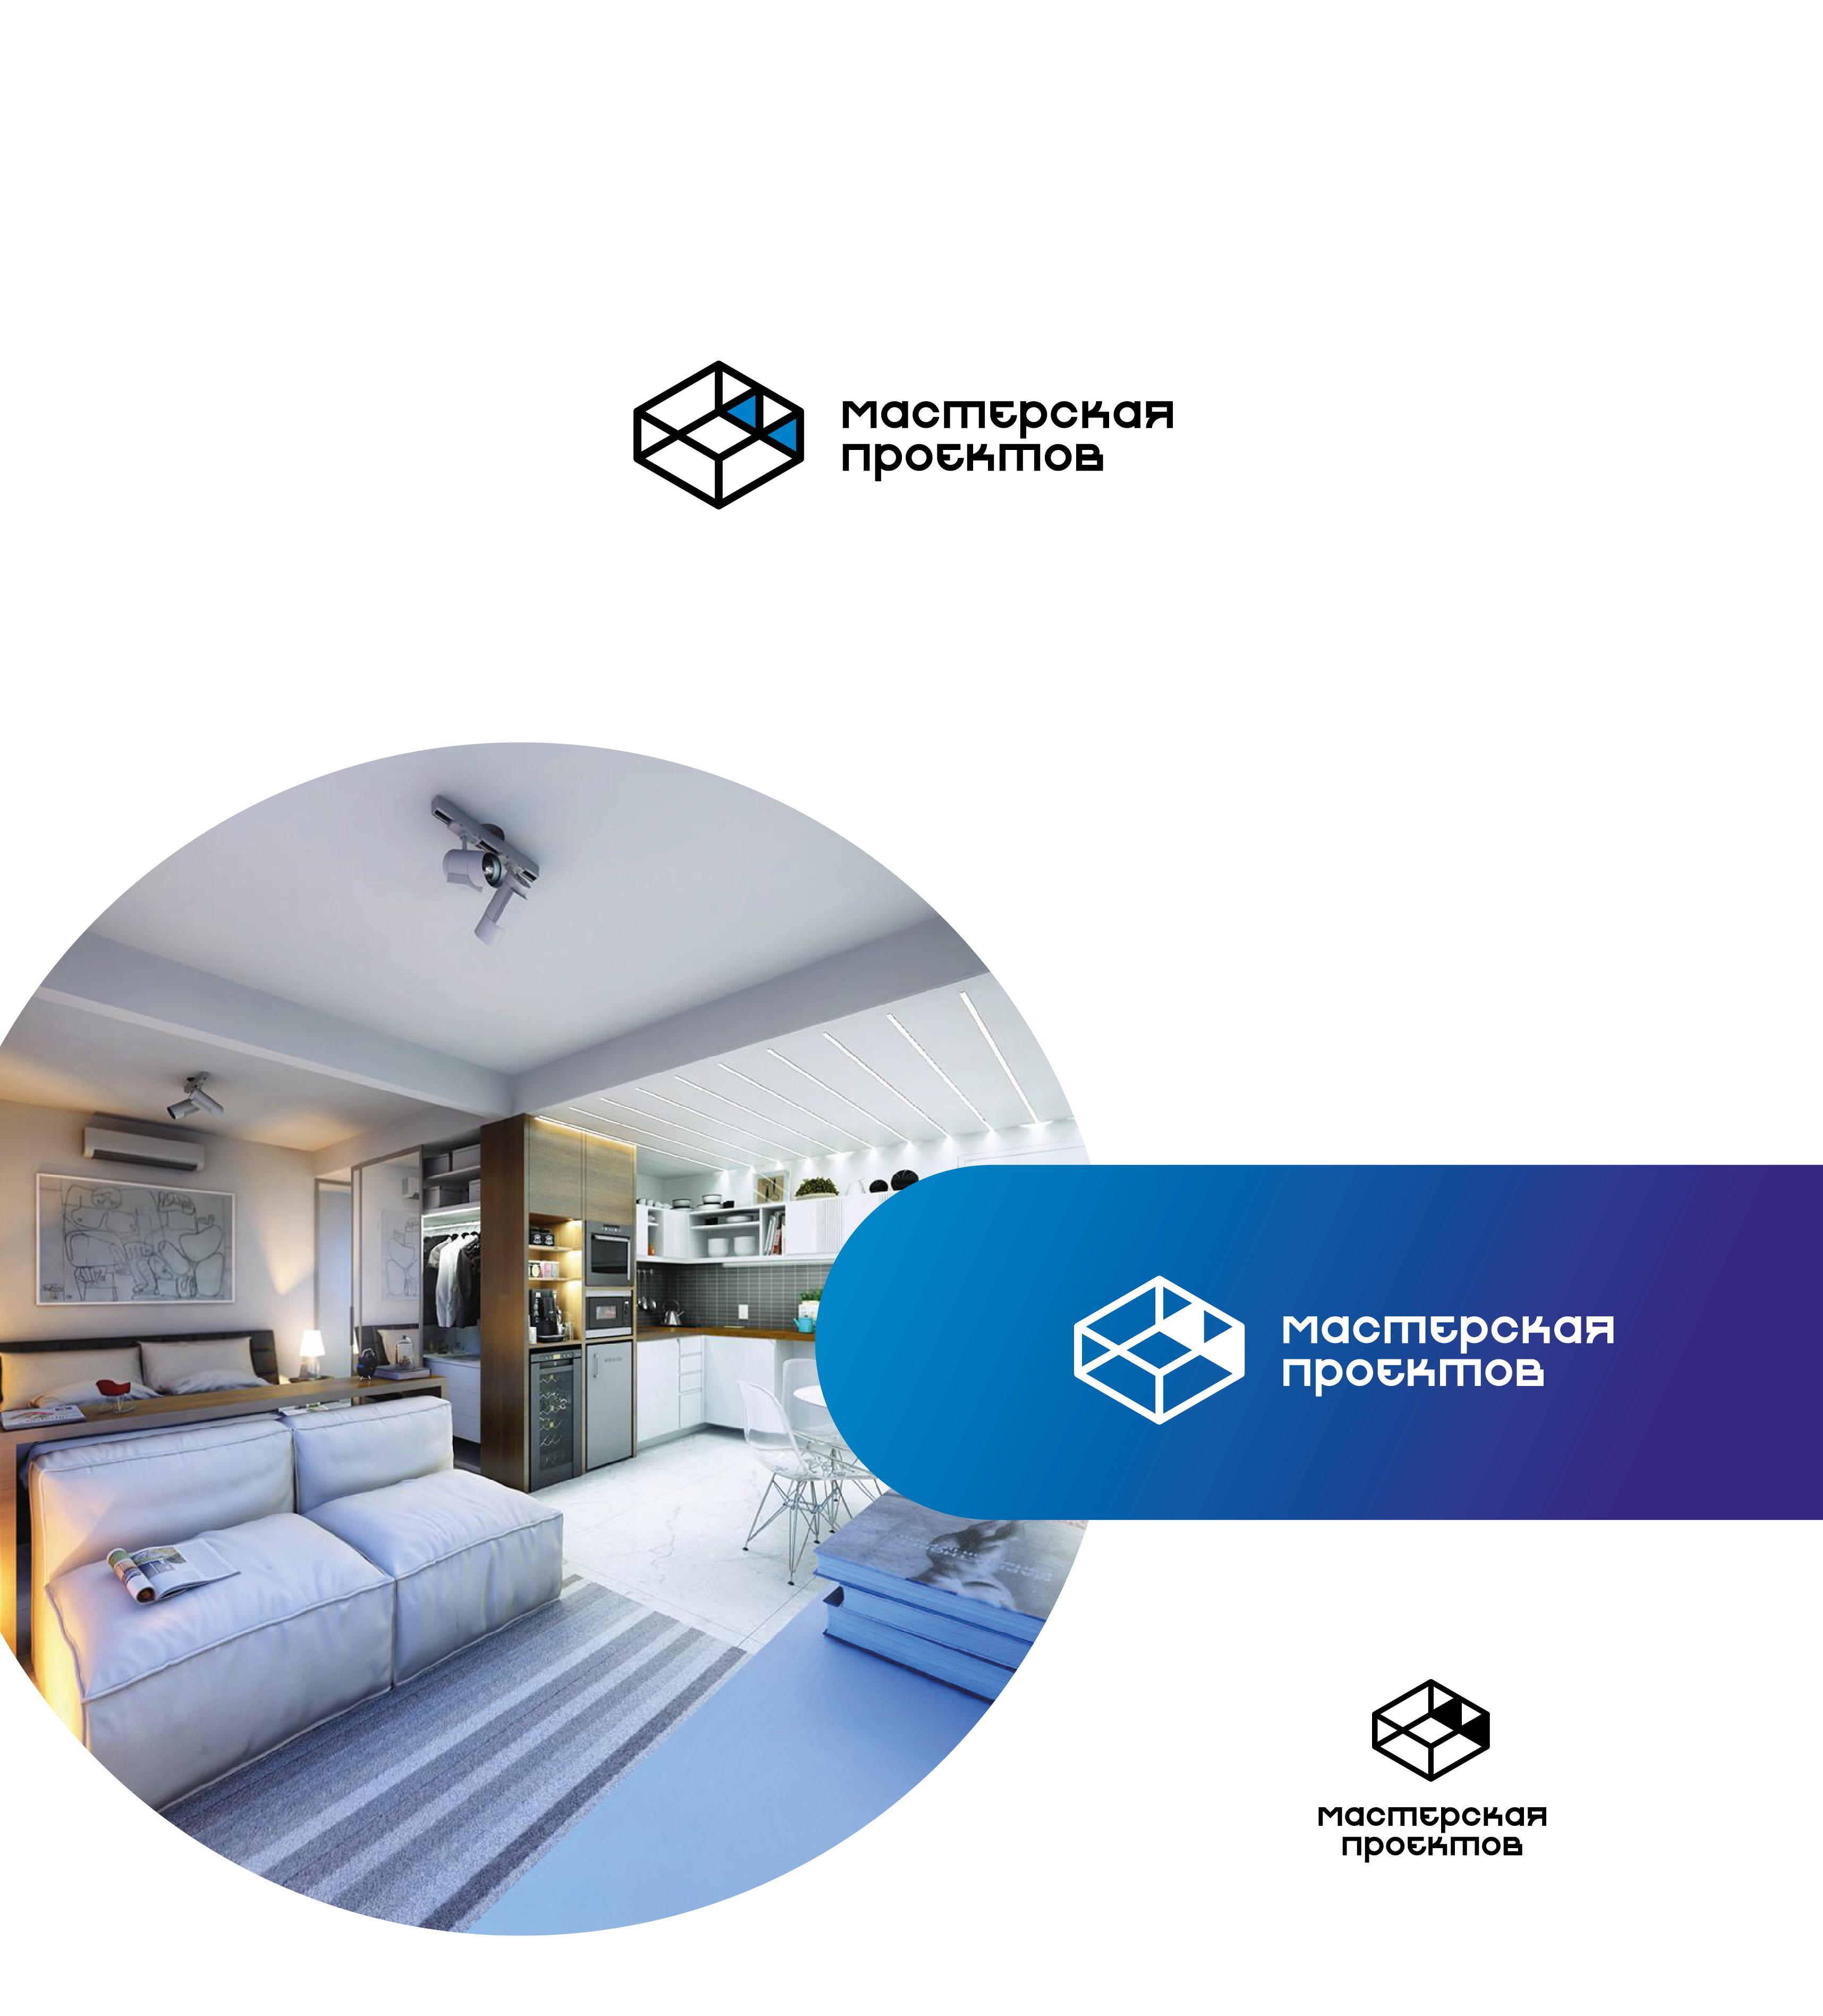 Разработка логотипа строительно-мебельного проекта (см. опис фото f_3066077f2bee21d0.png